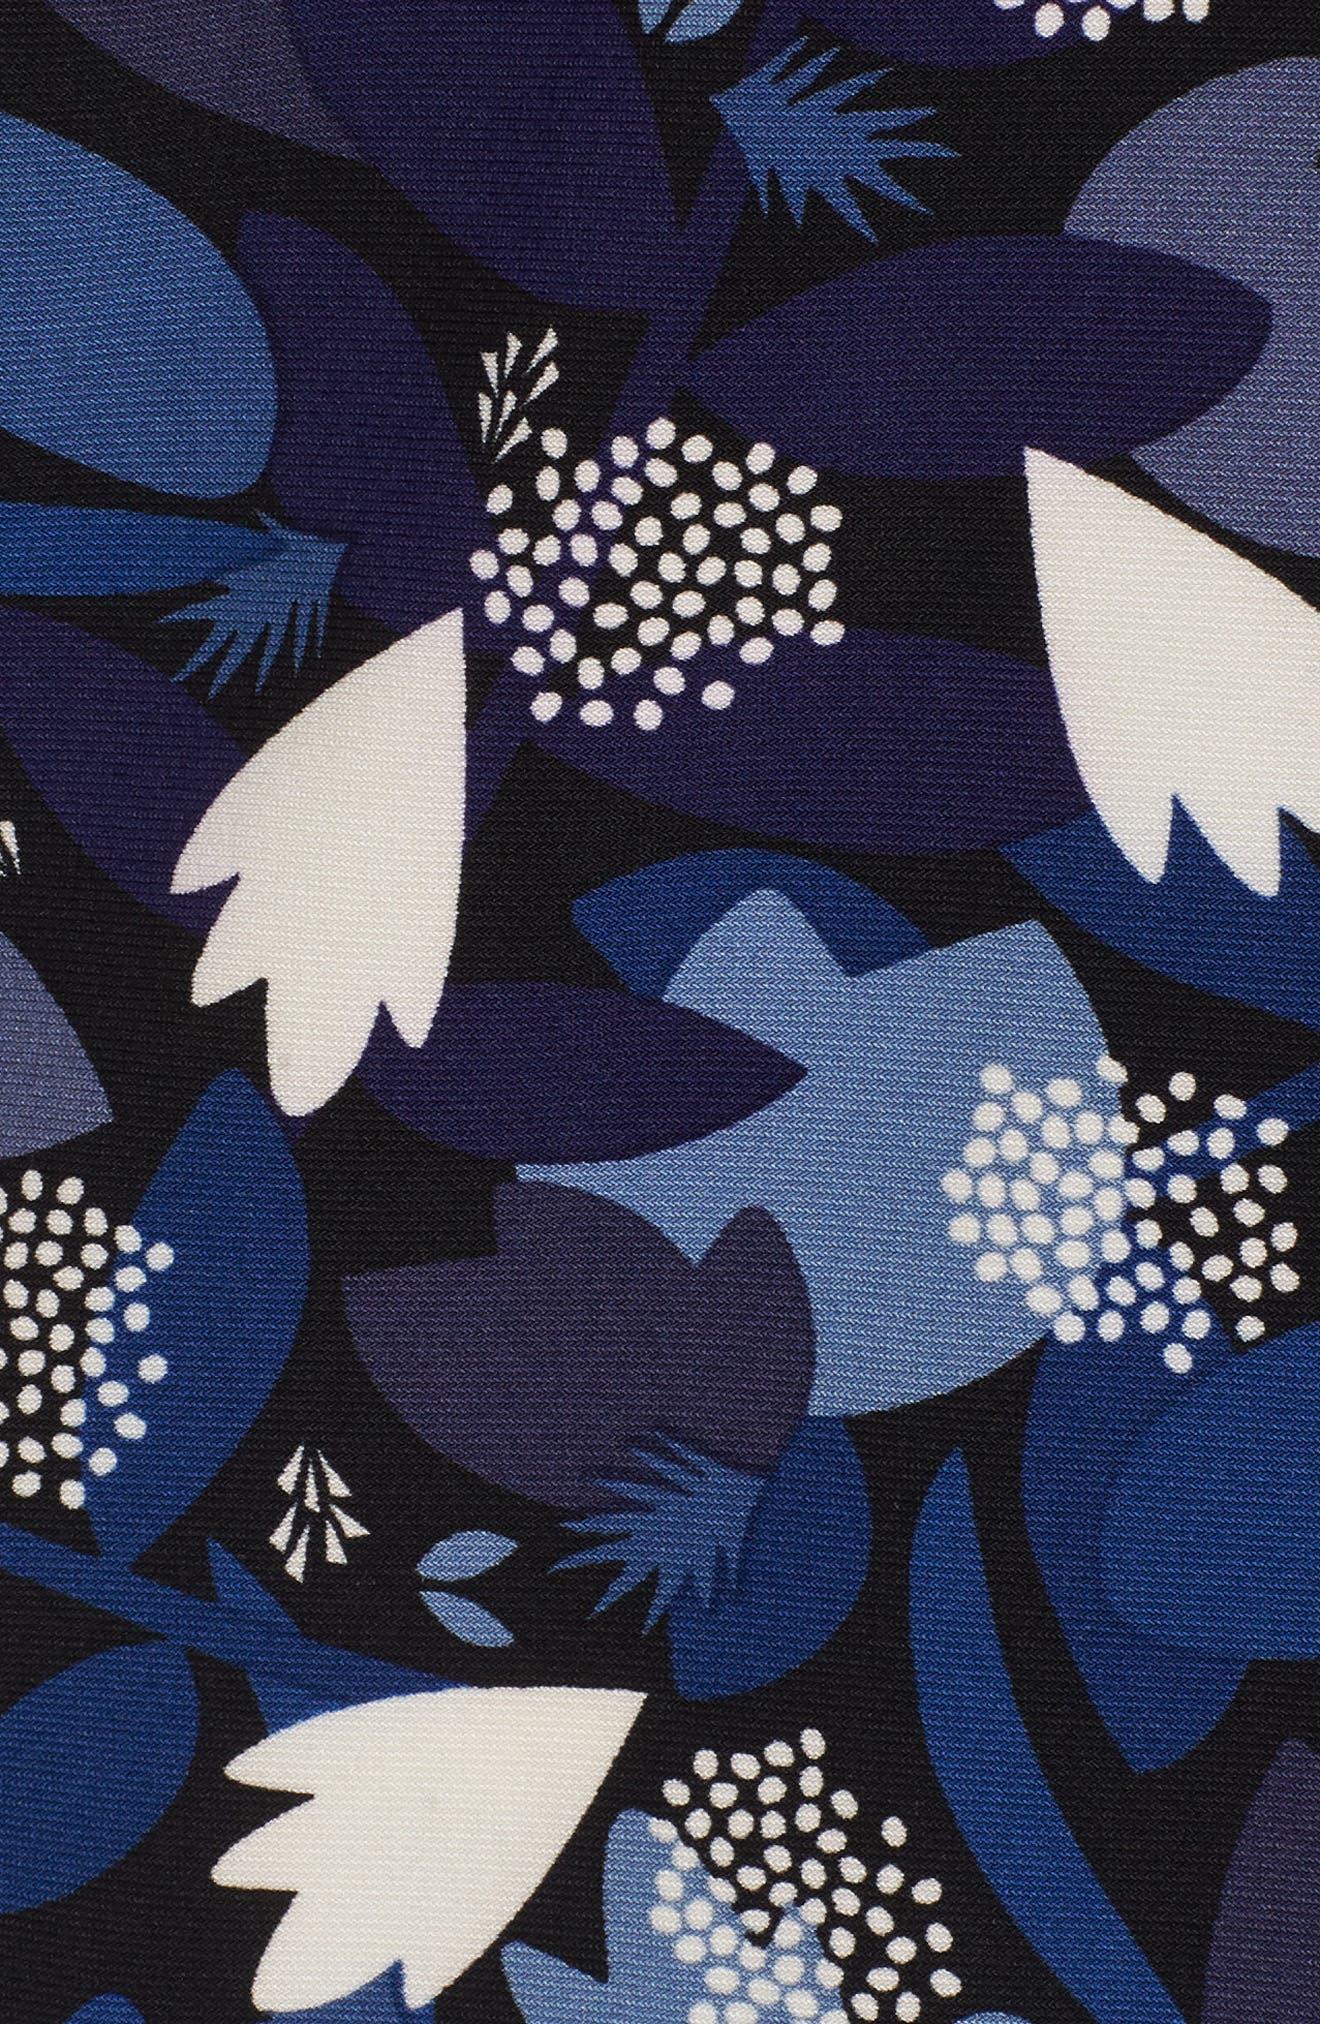 New York Amalfi Print Classic Wrap Dress,                             Alternate thumbnail 5, color,                             Black/ Monaco Combo